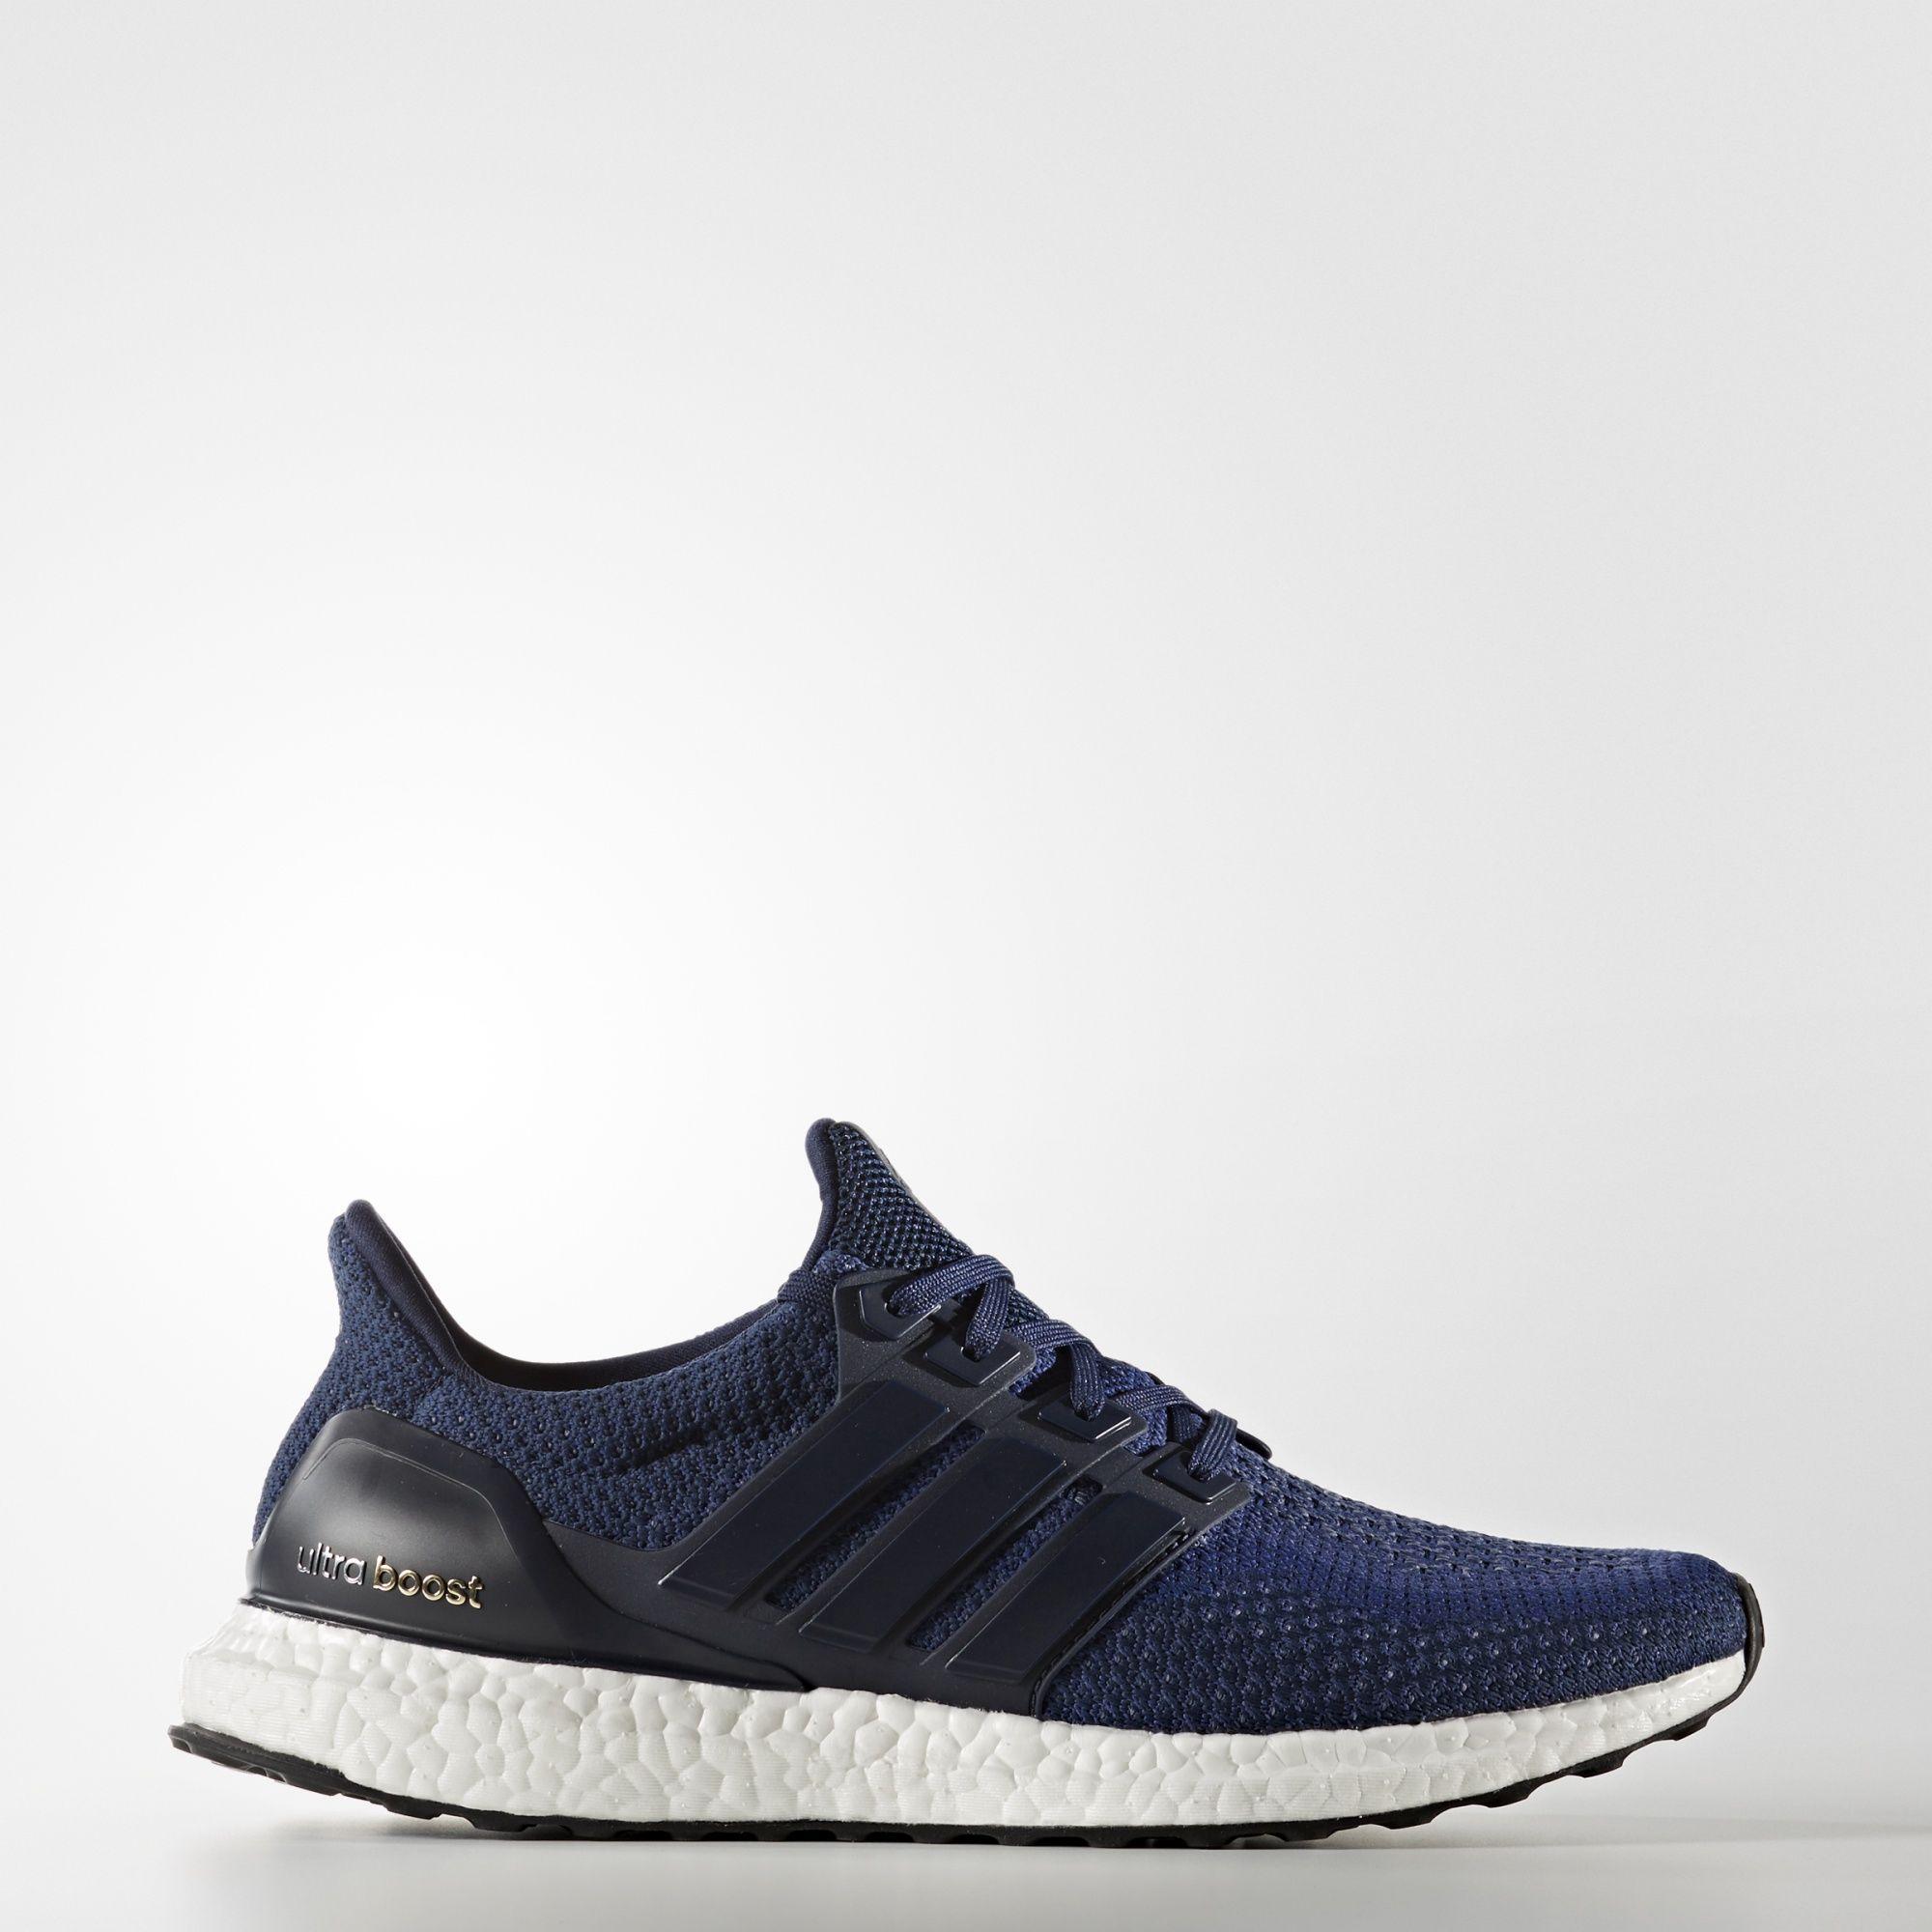 Adidas Energy Boost zapatos tenis de hombre almacén Pinterest